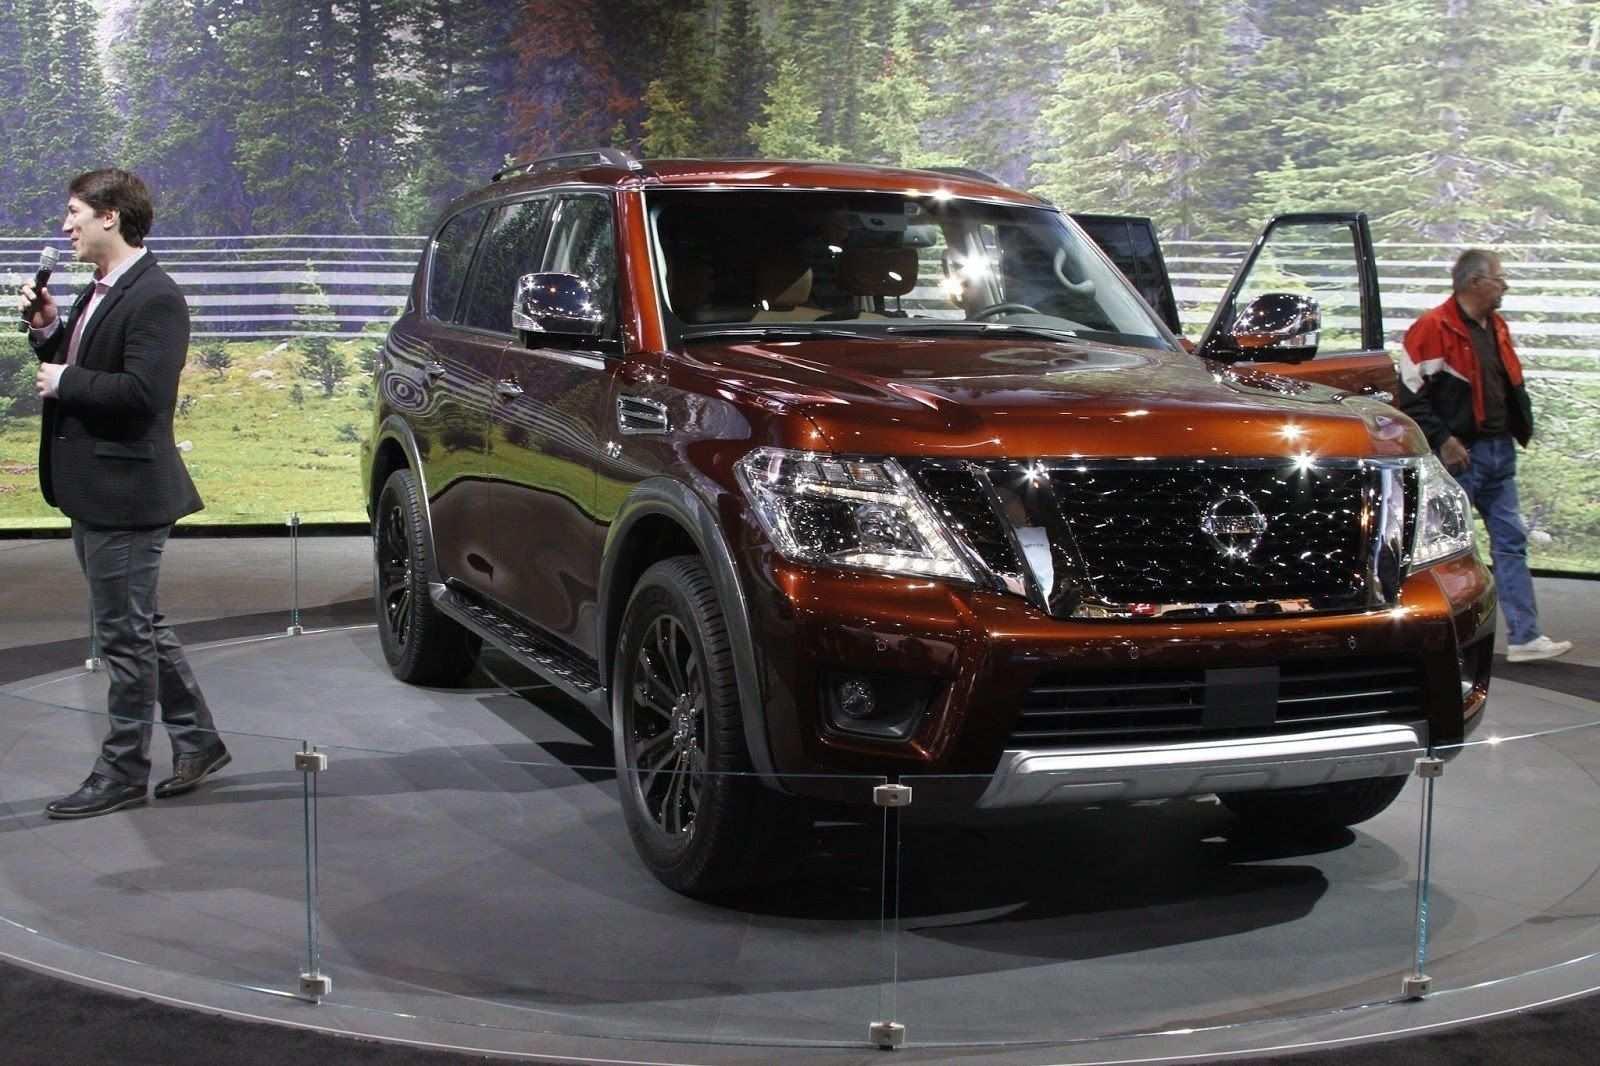 39 Concept of Nissan Y62 2020 Exterior by Nissan Y62 2020